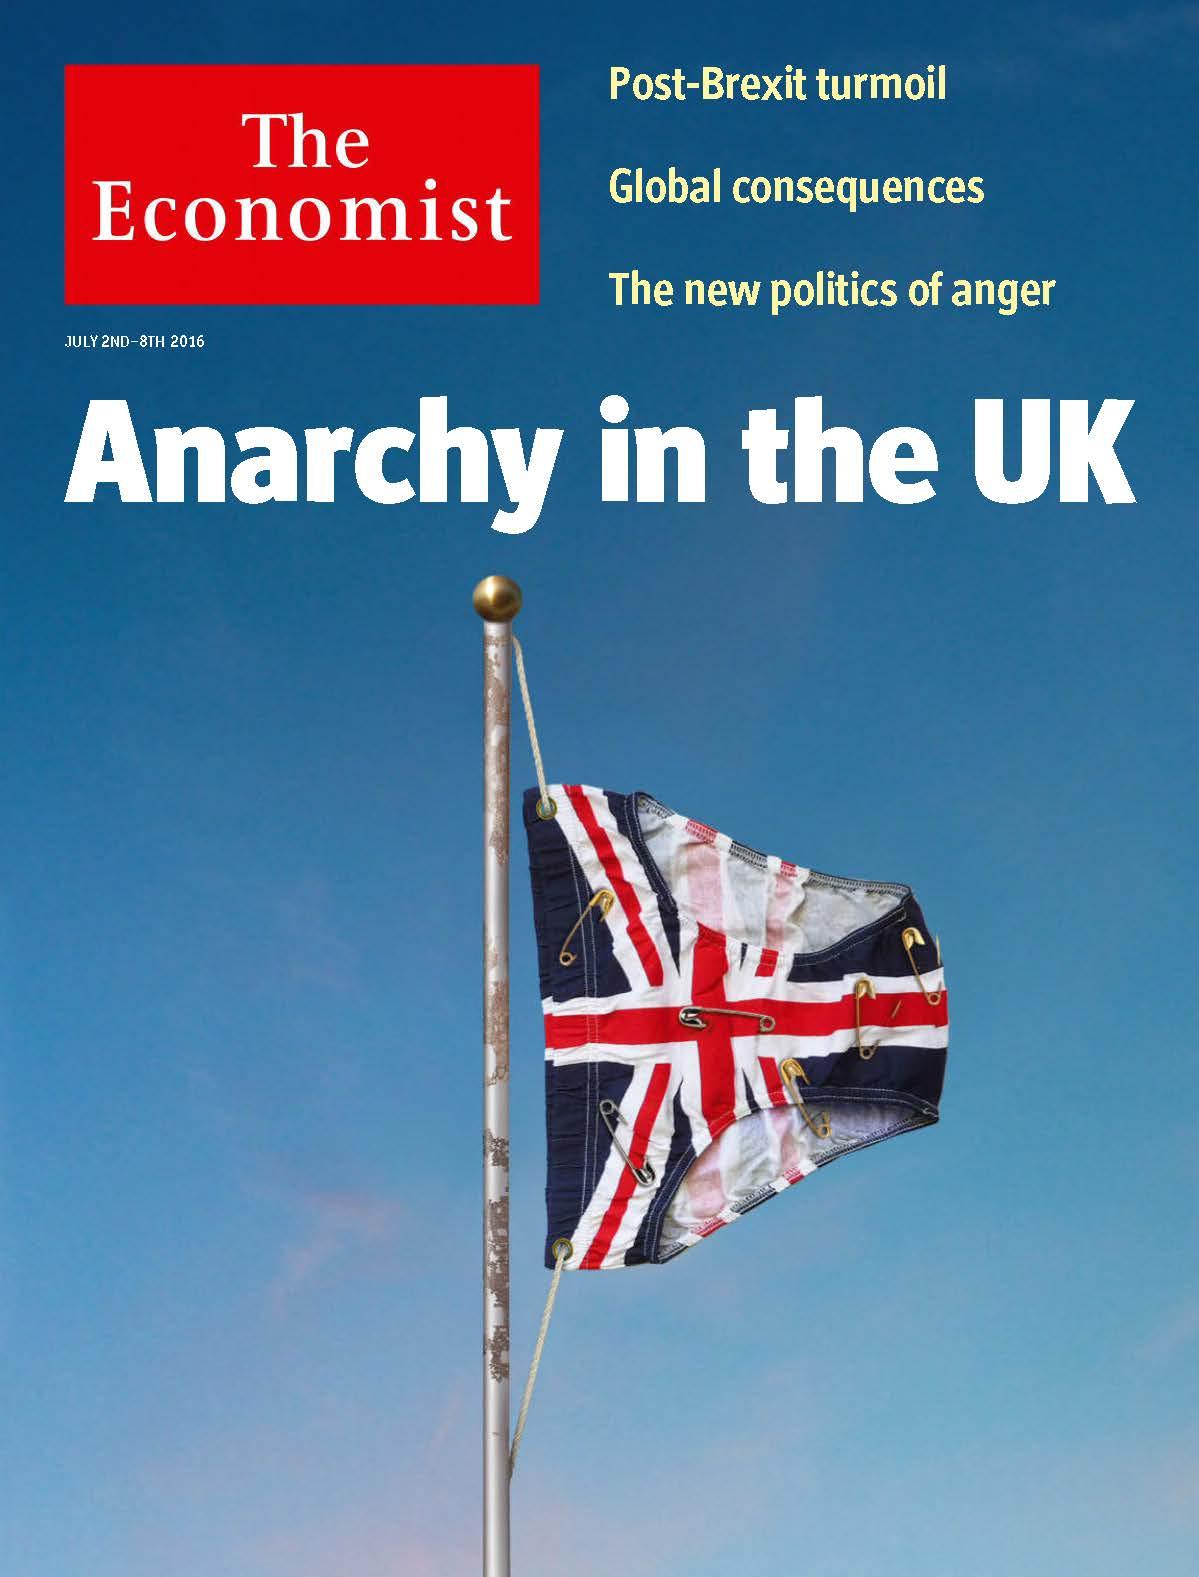 Après le Brexit : À bas le chauvinisme ! Liberté de circulation des travailleurs ! États-Unis socialistes d'Europe !